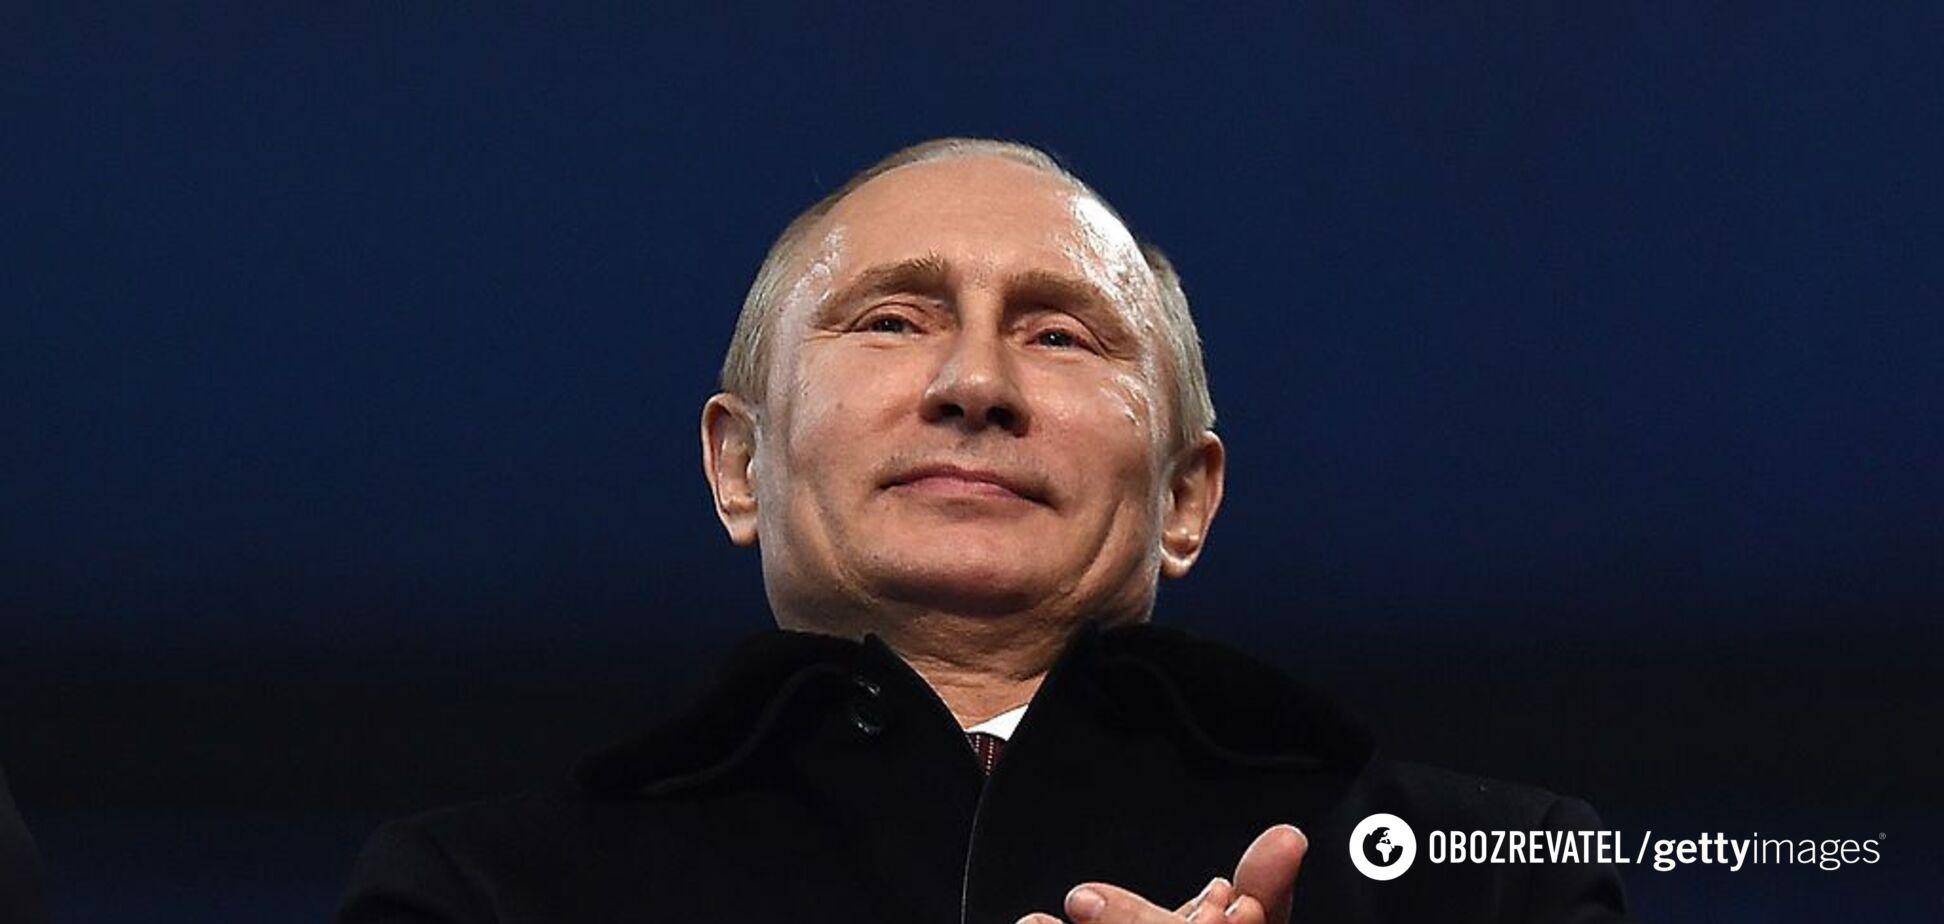 'Власть вытерла ноги': в России рассказали, как Путин создает 'фашизм'